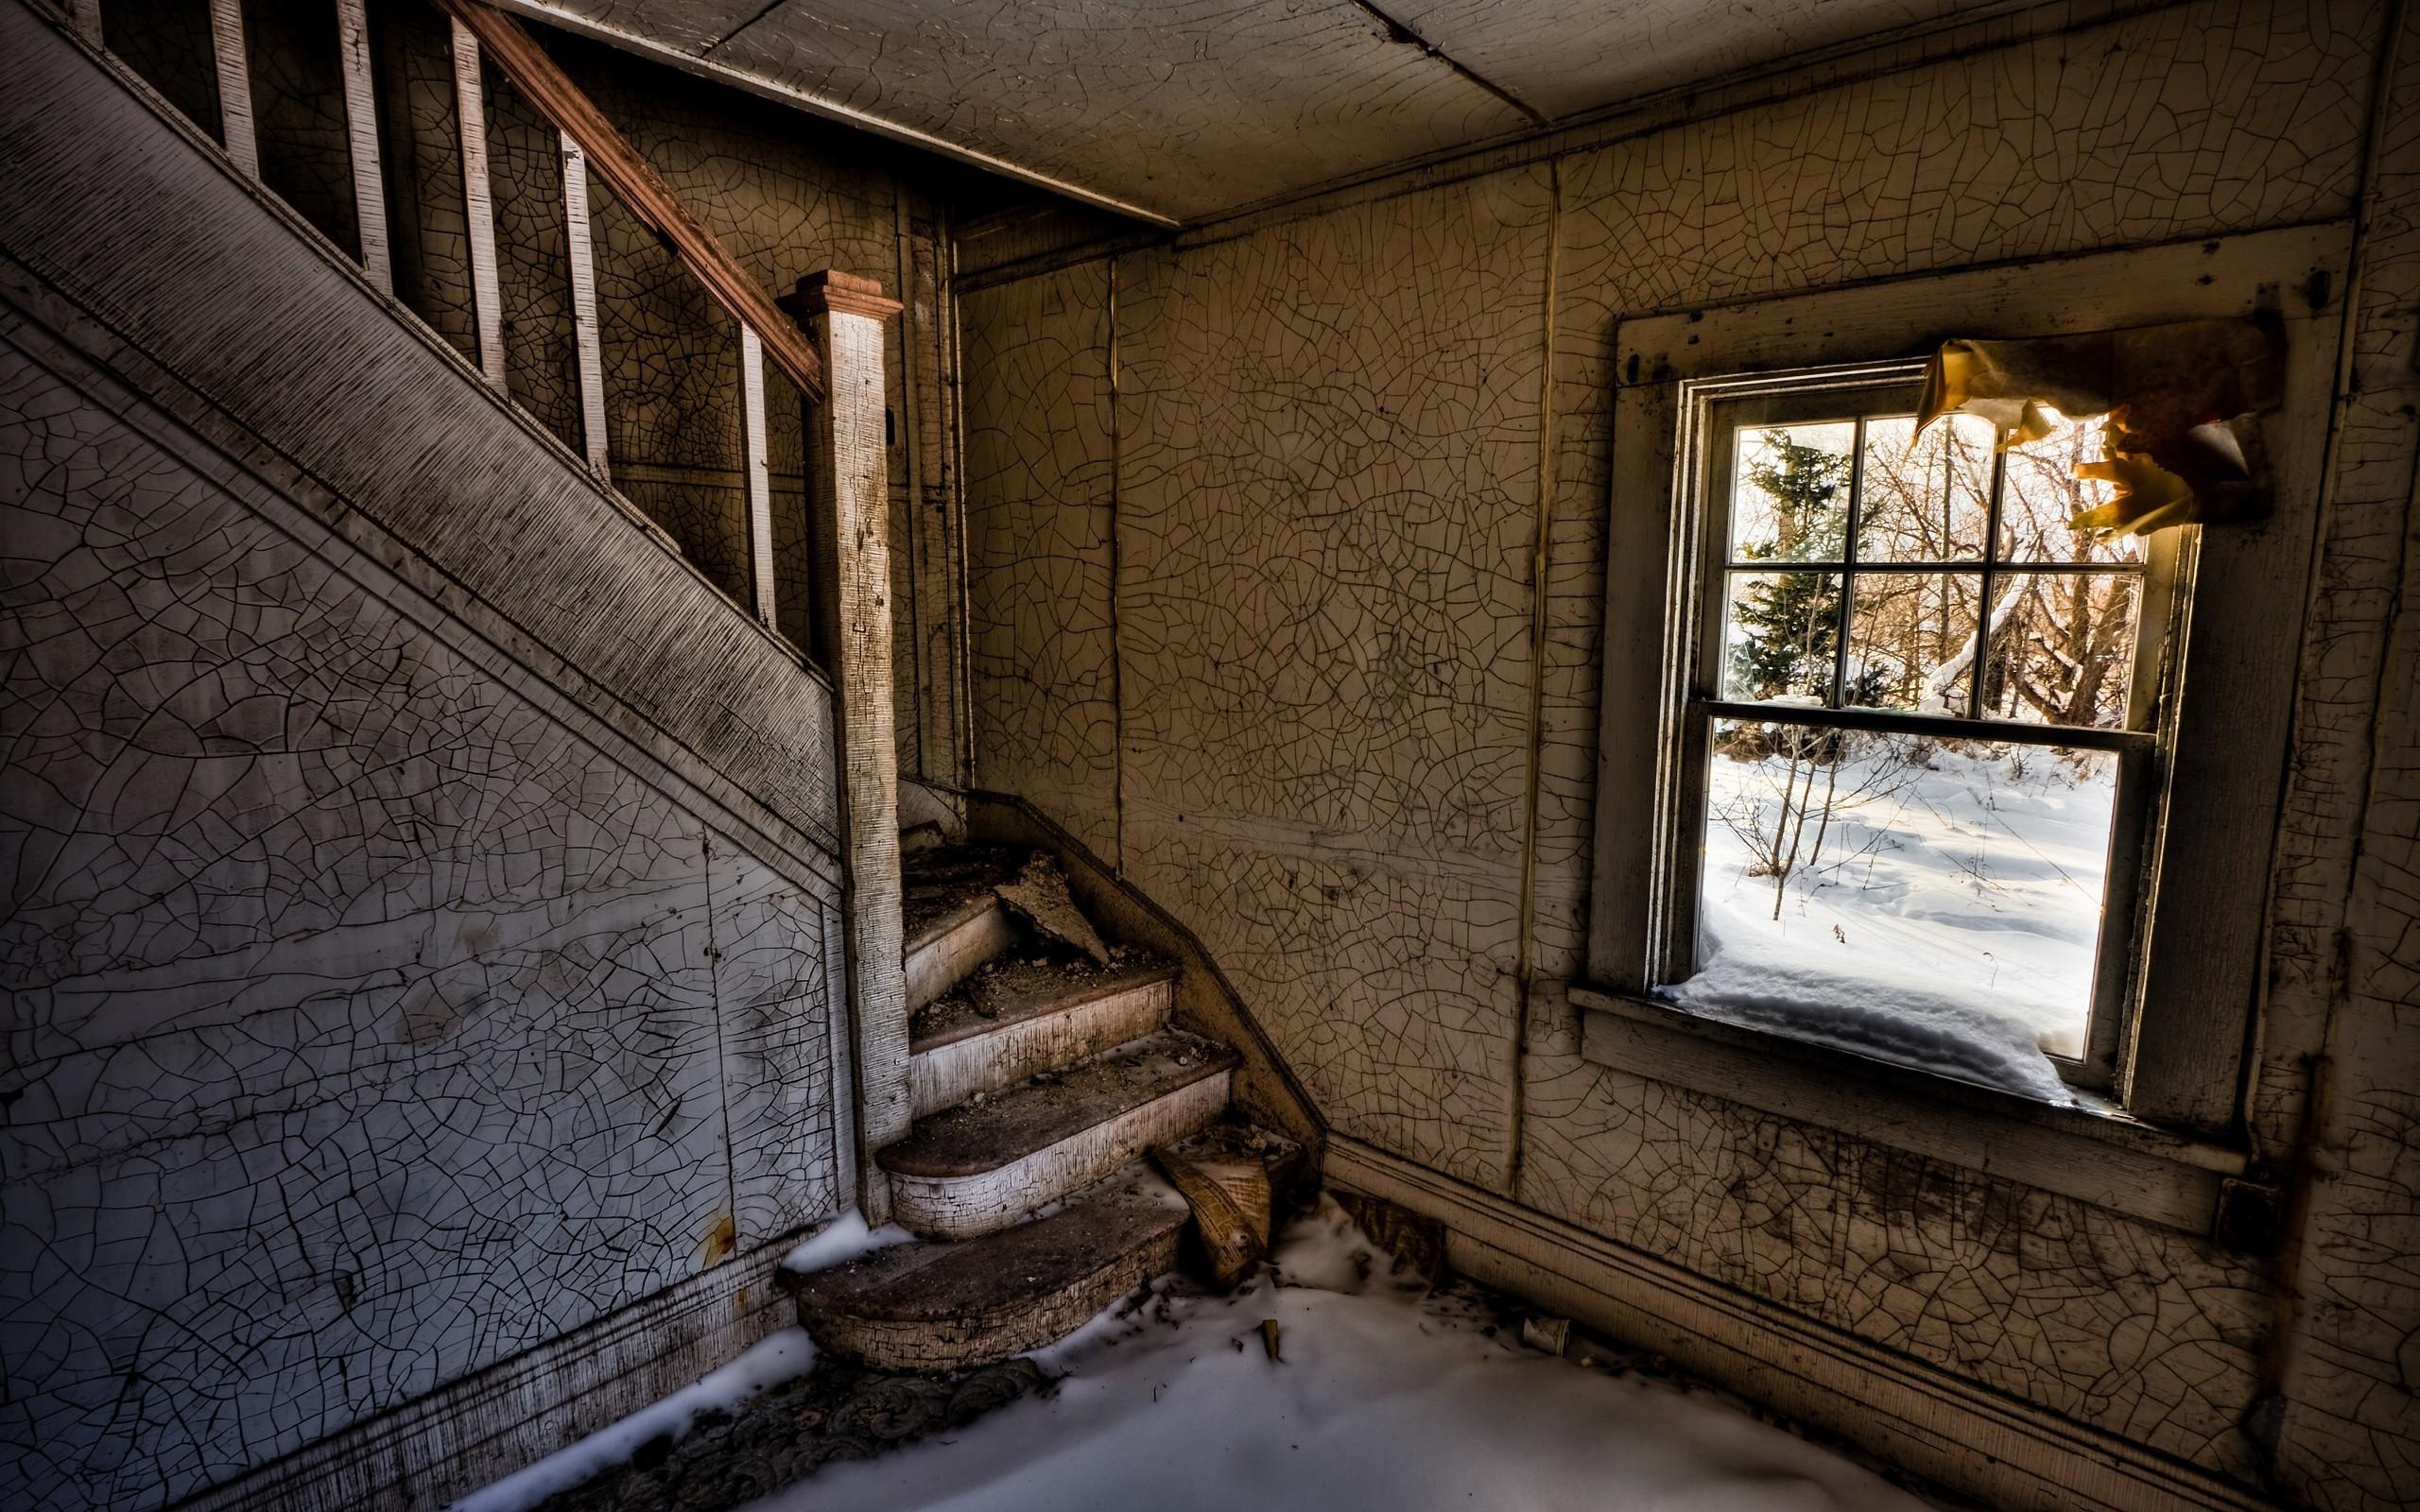 заброшенный дом двери окна коридор  № 2195344 загрузить